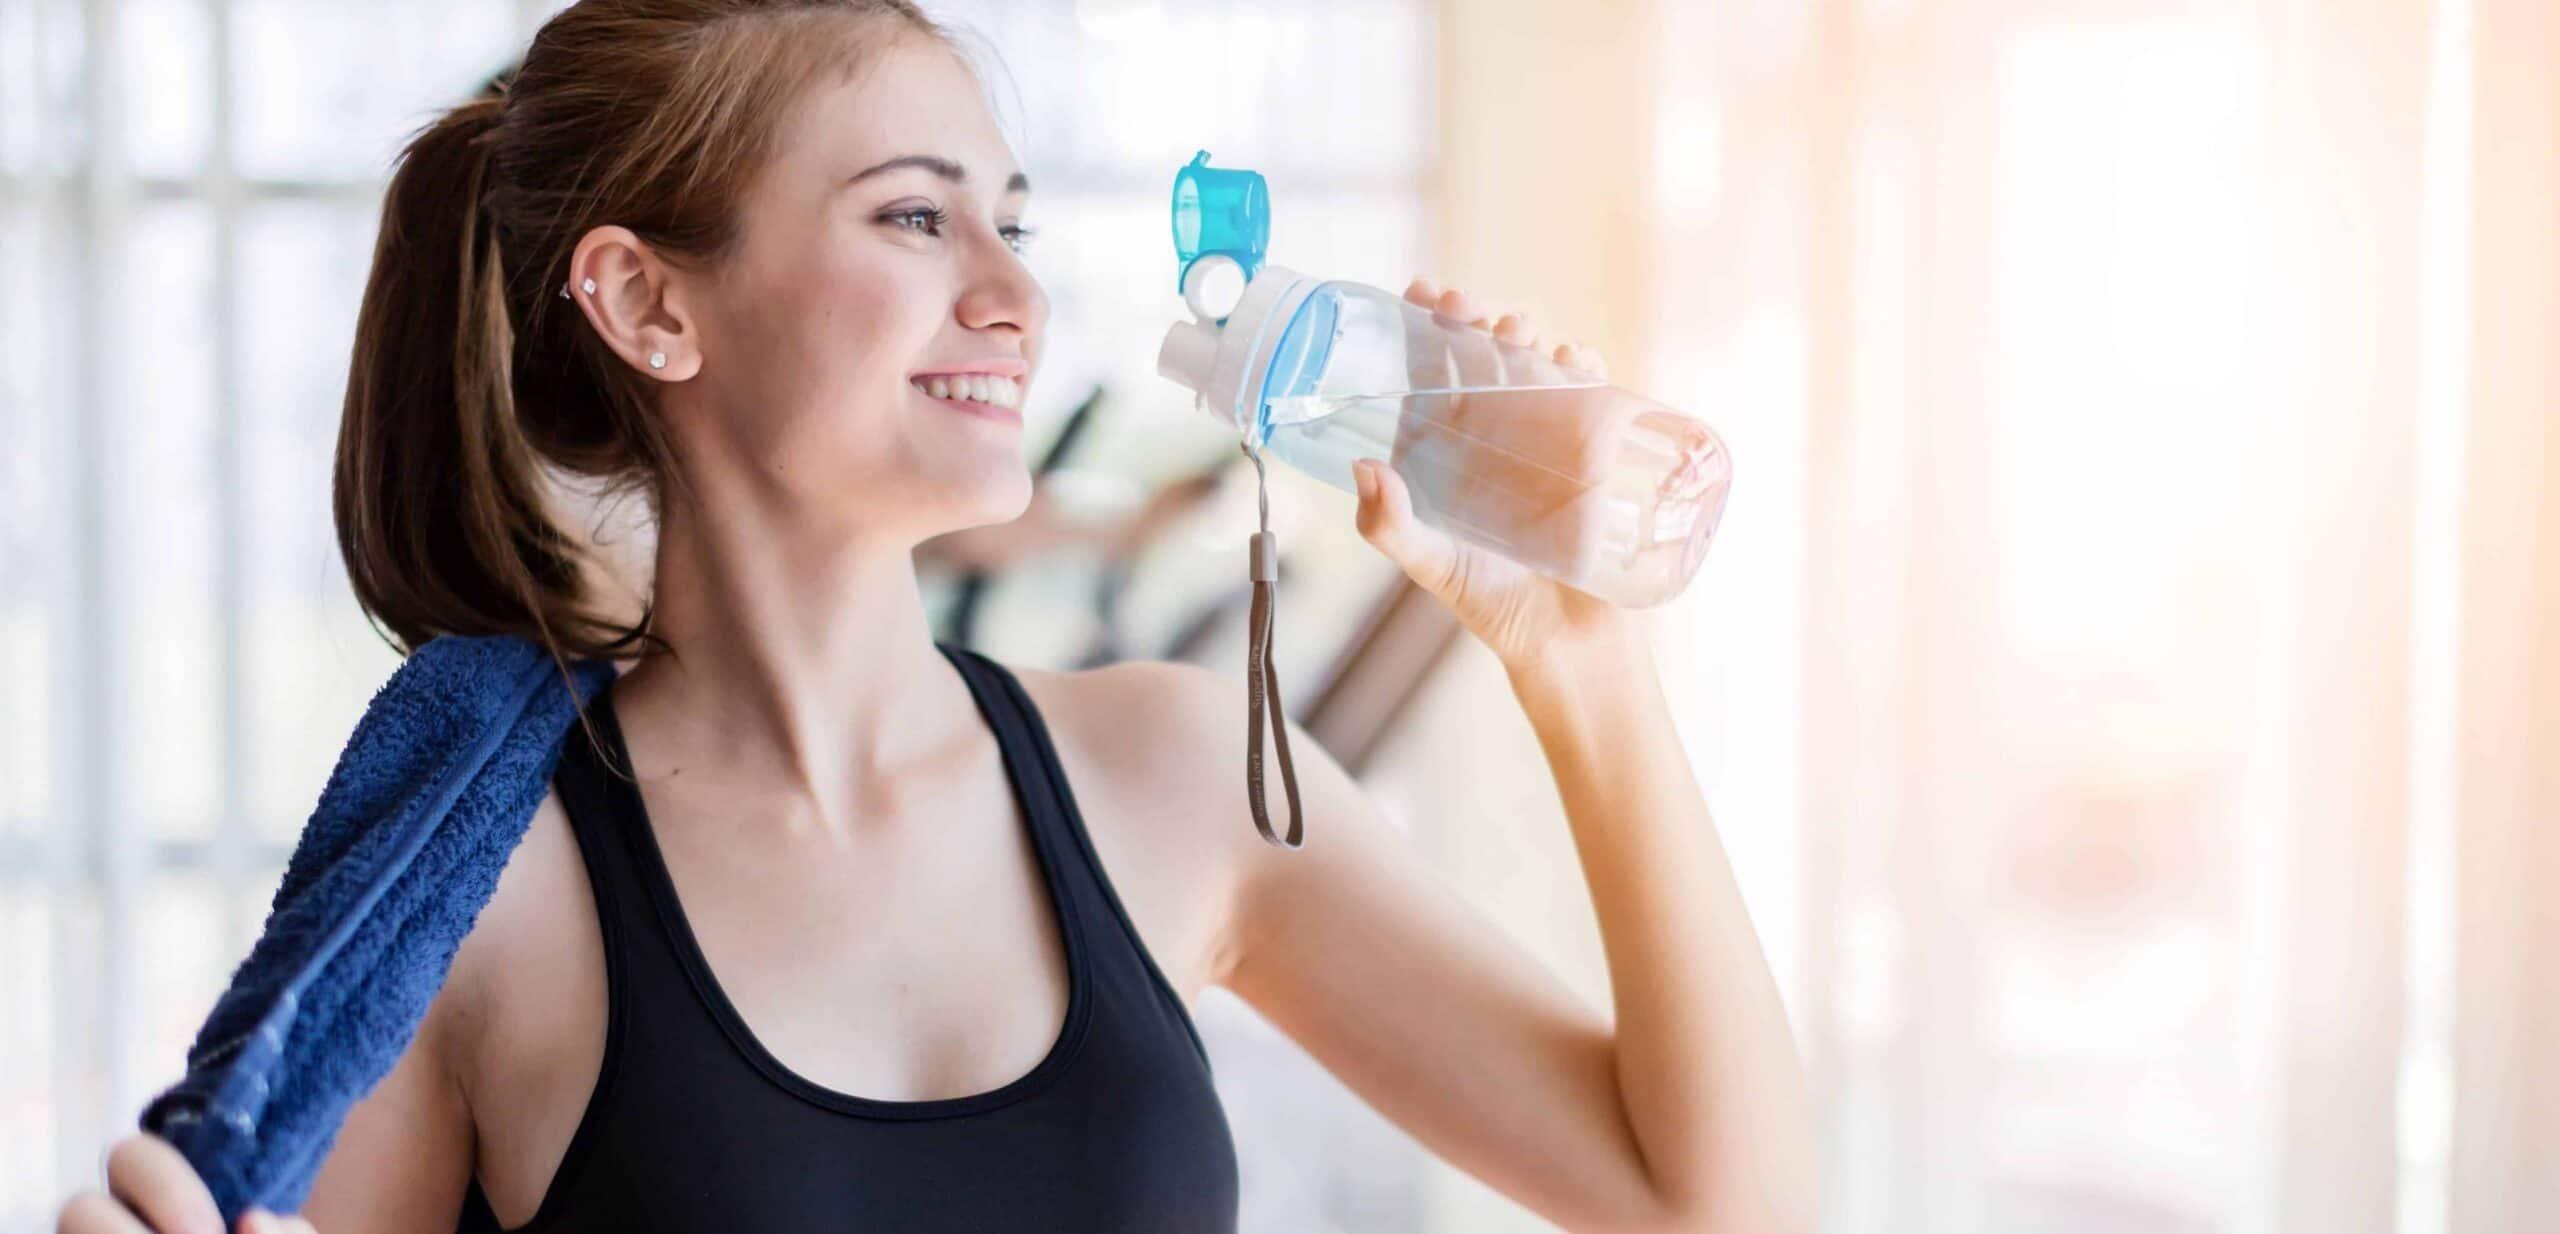 Composizione corporea acqua palestra